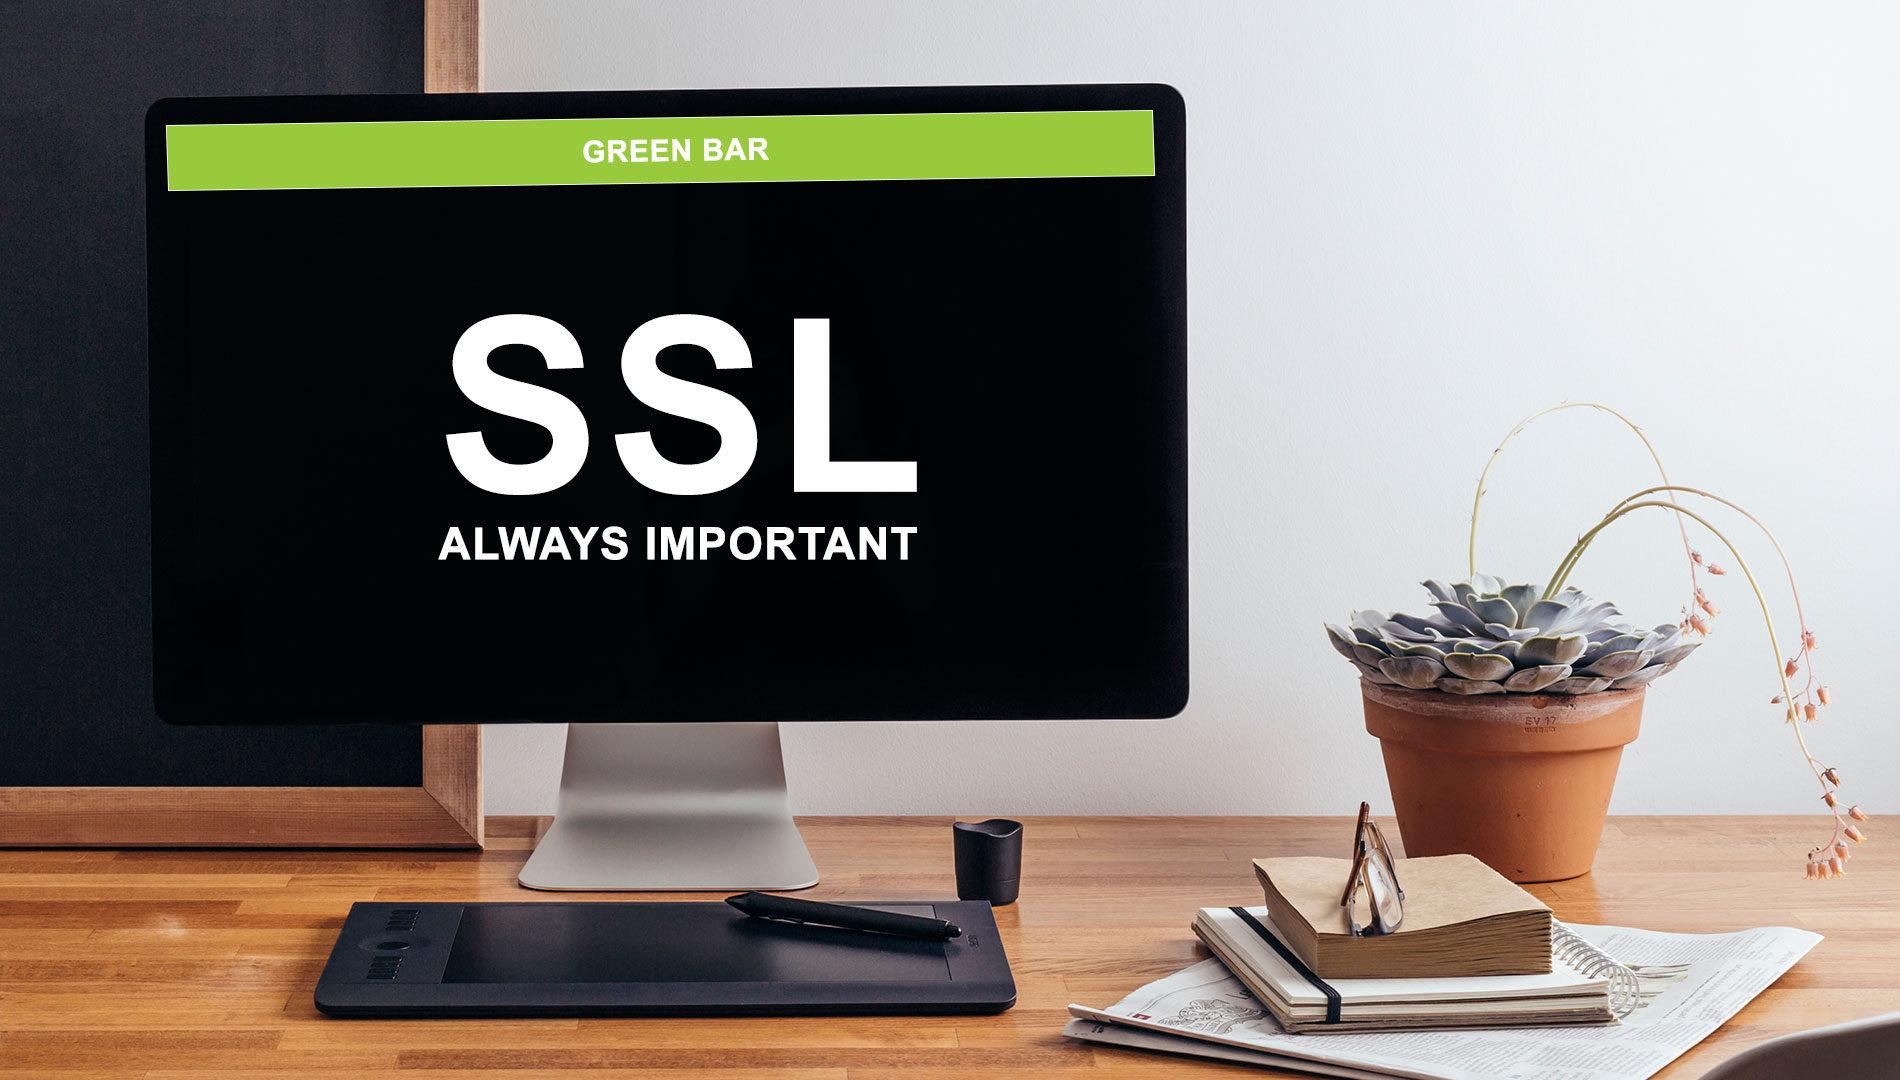 ssl-green-bar-certificate